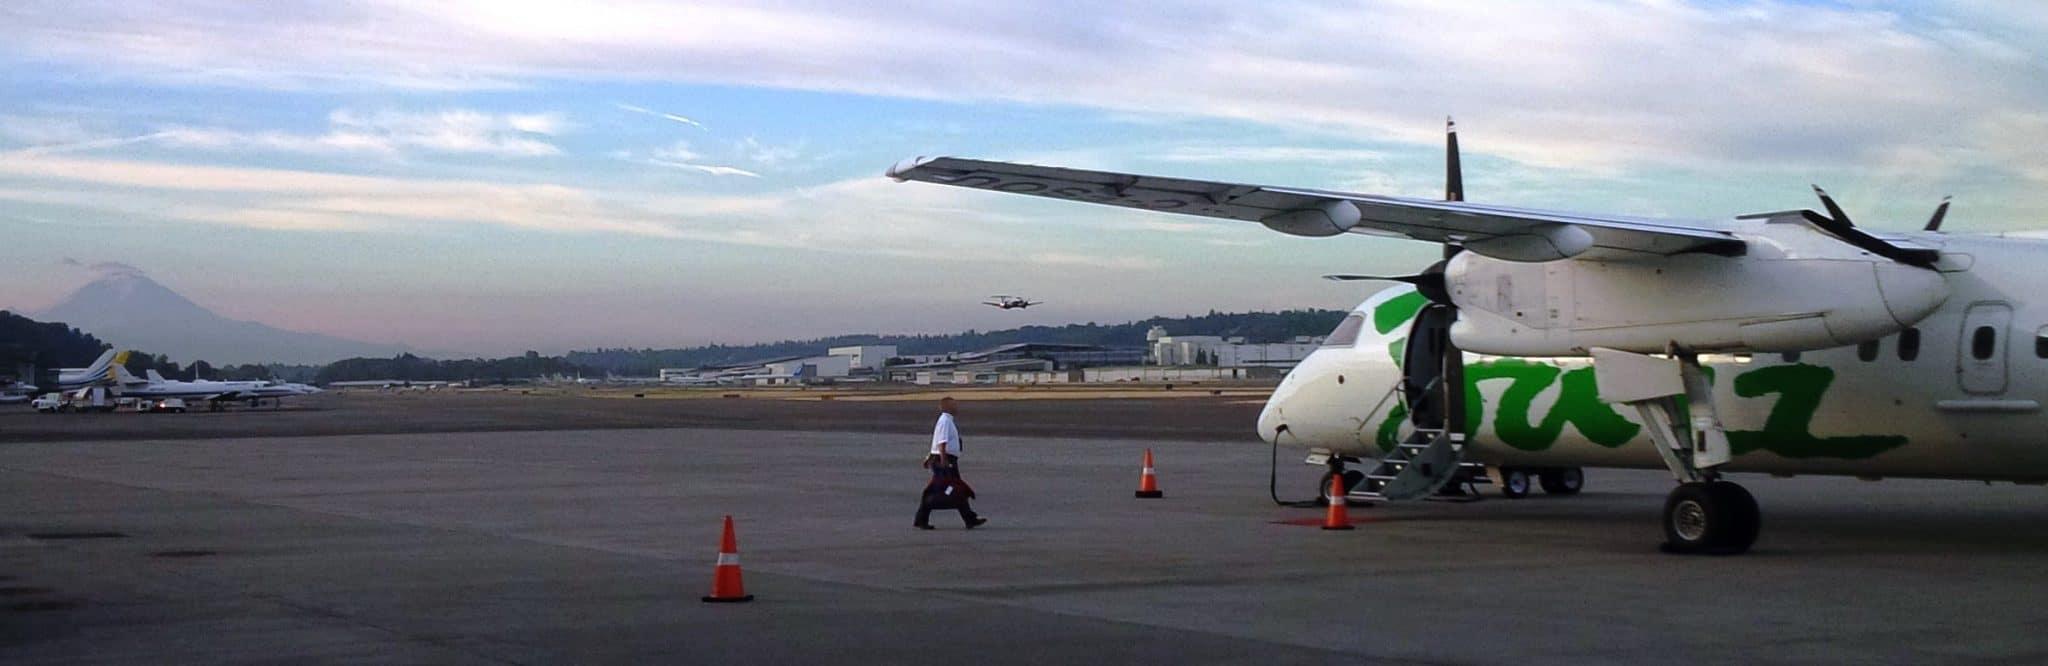 Aircraft on runway